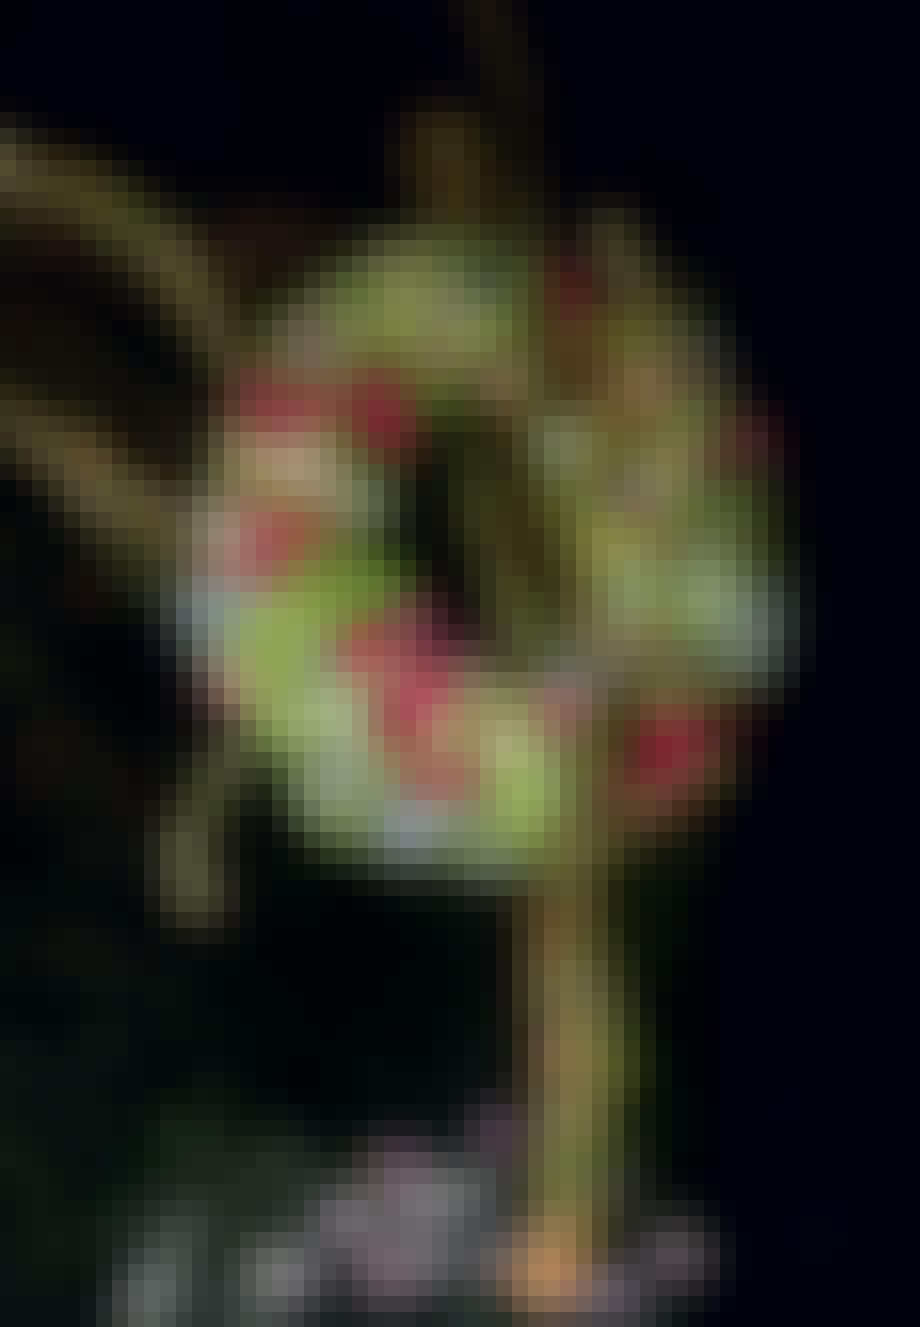 Kringlet hortensiakrans på døren